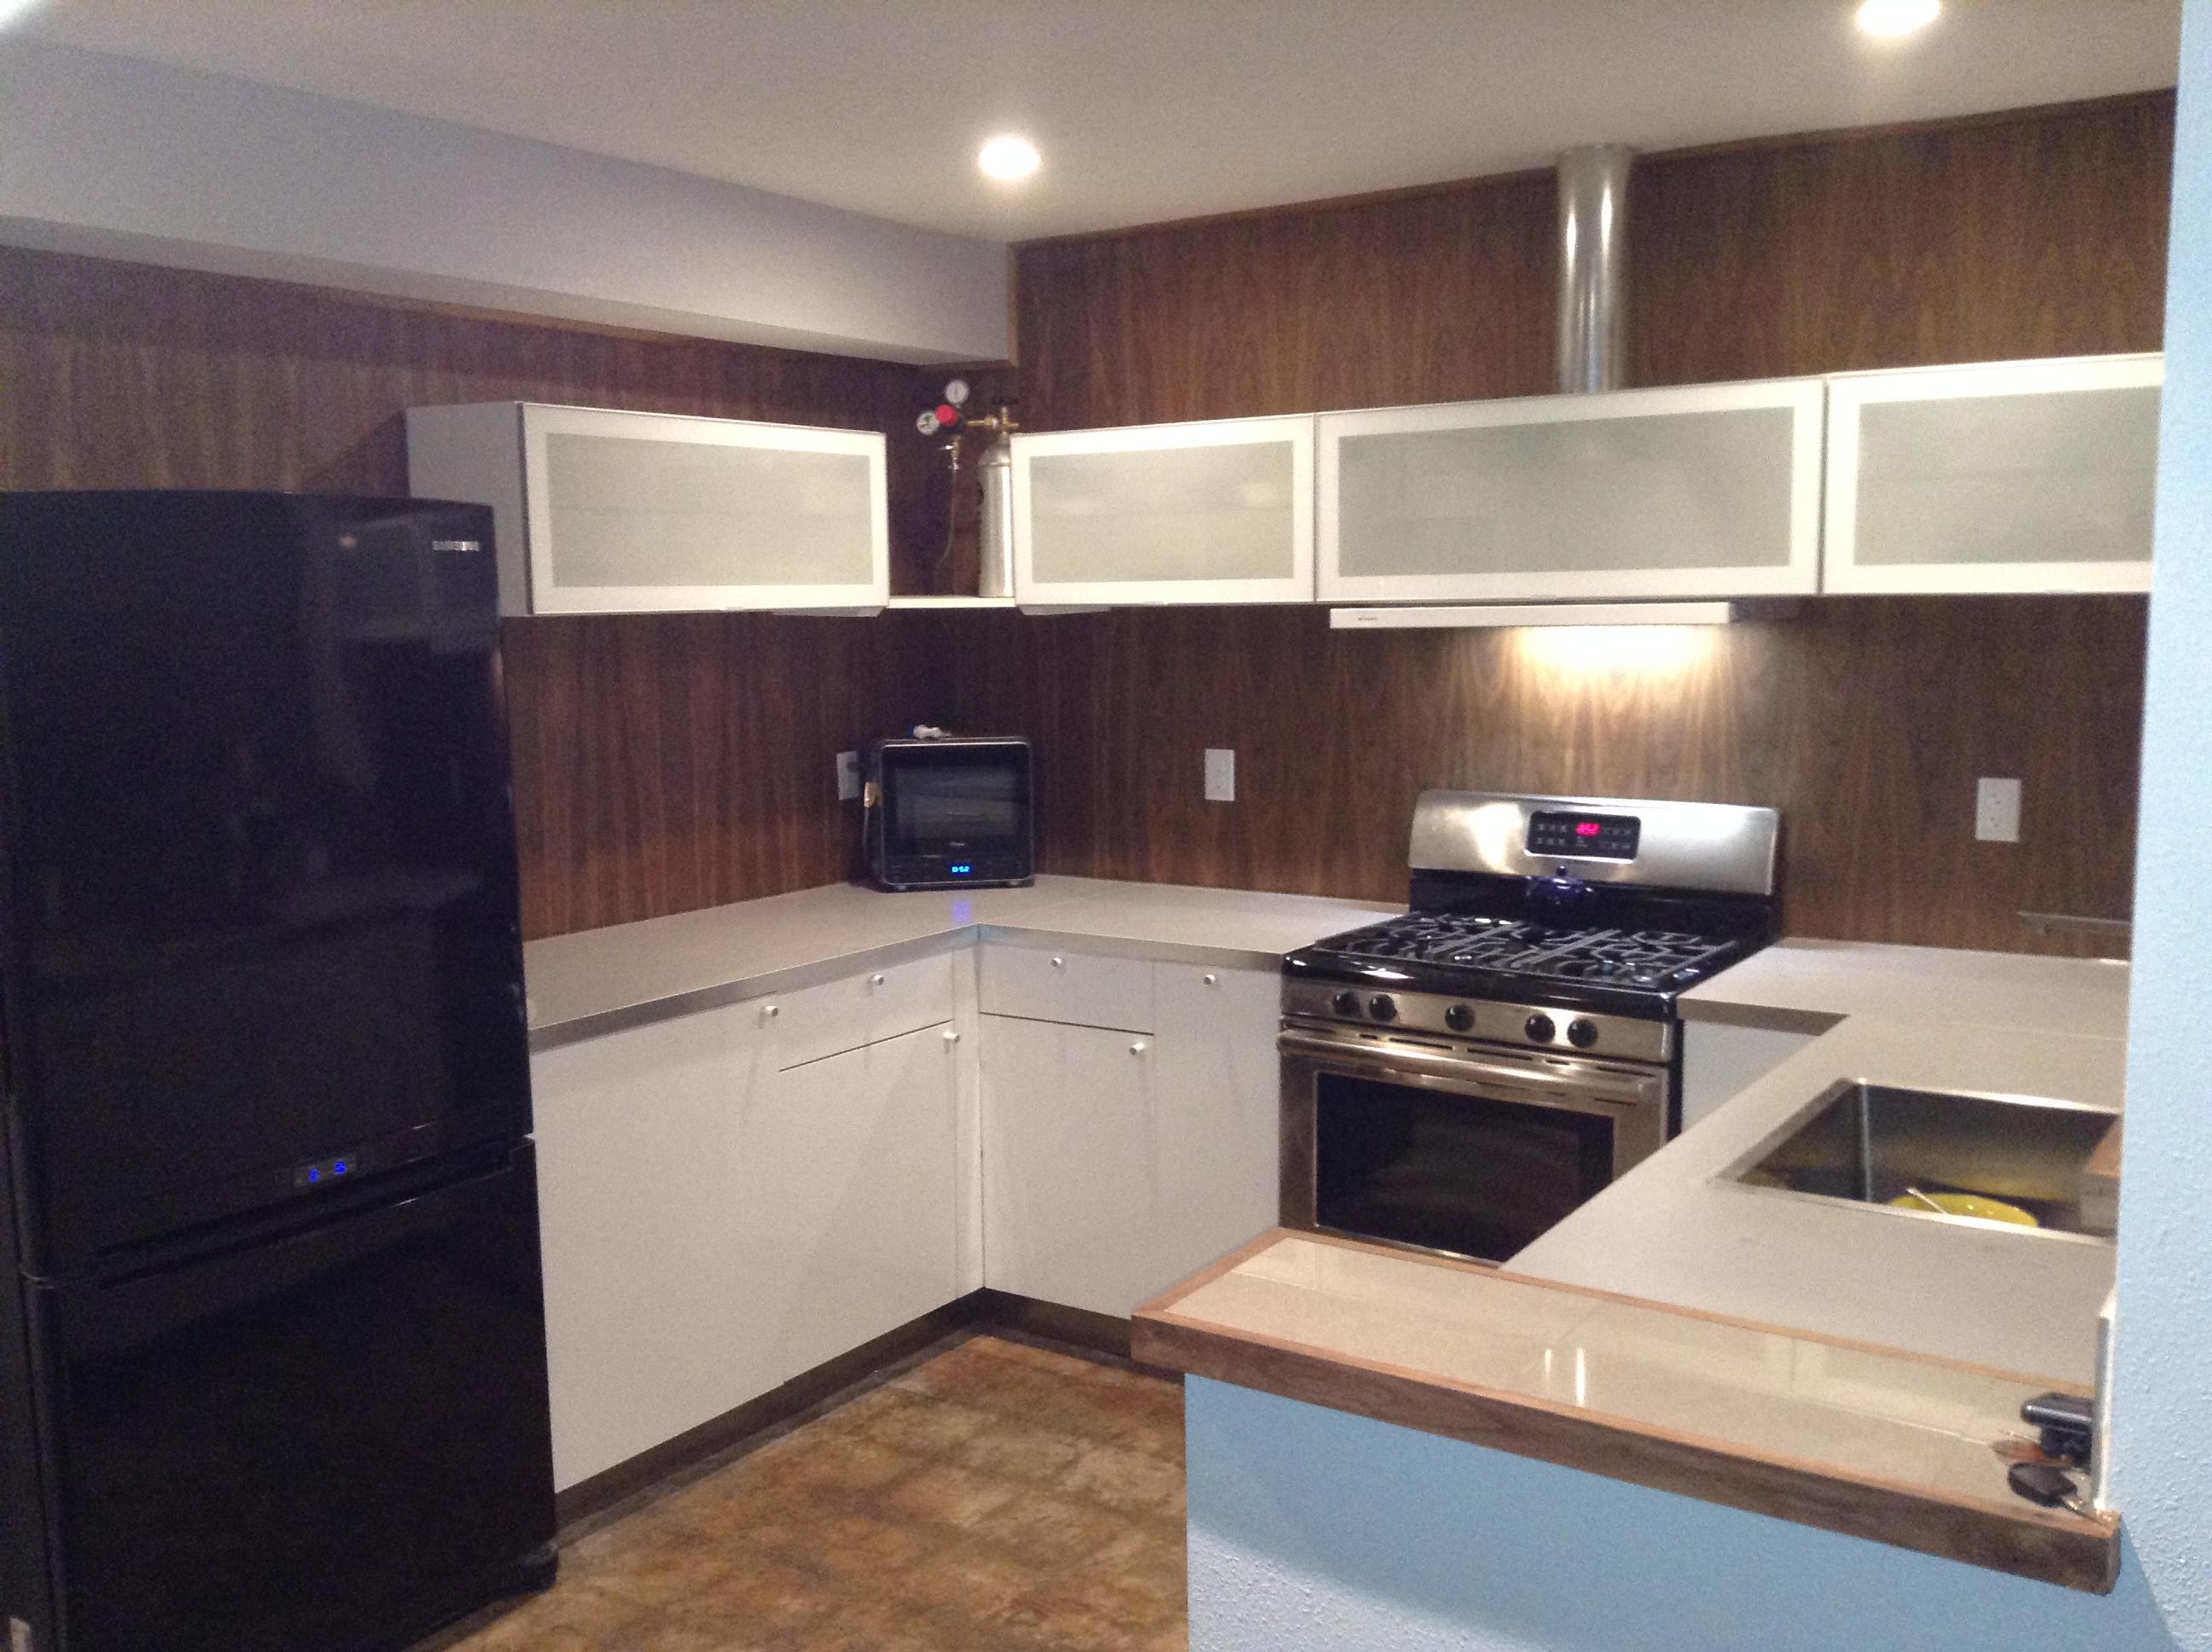 my ikea kitchen install kitchen sinks denver My Ikea Kitchen Install img